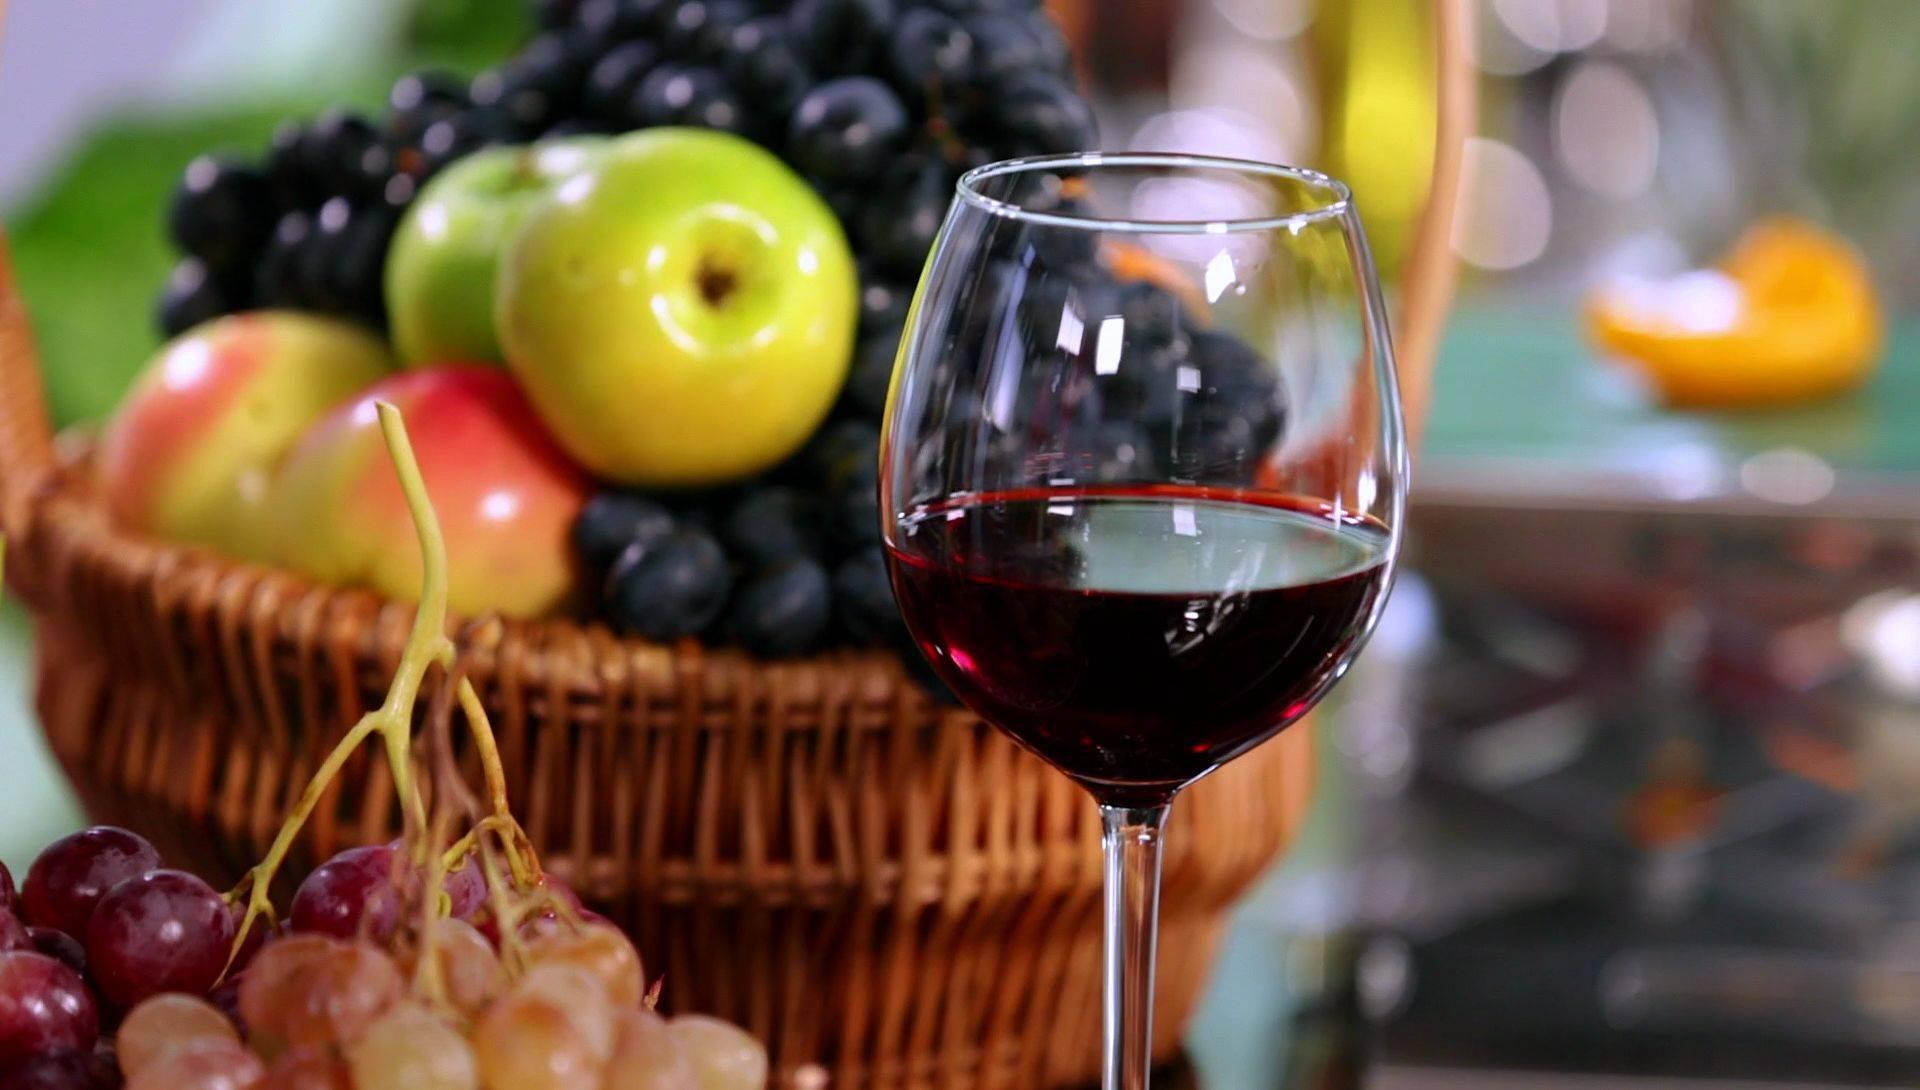 Фруктовое вино: 120 фото лучших видов плодового и ягодного вина